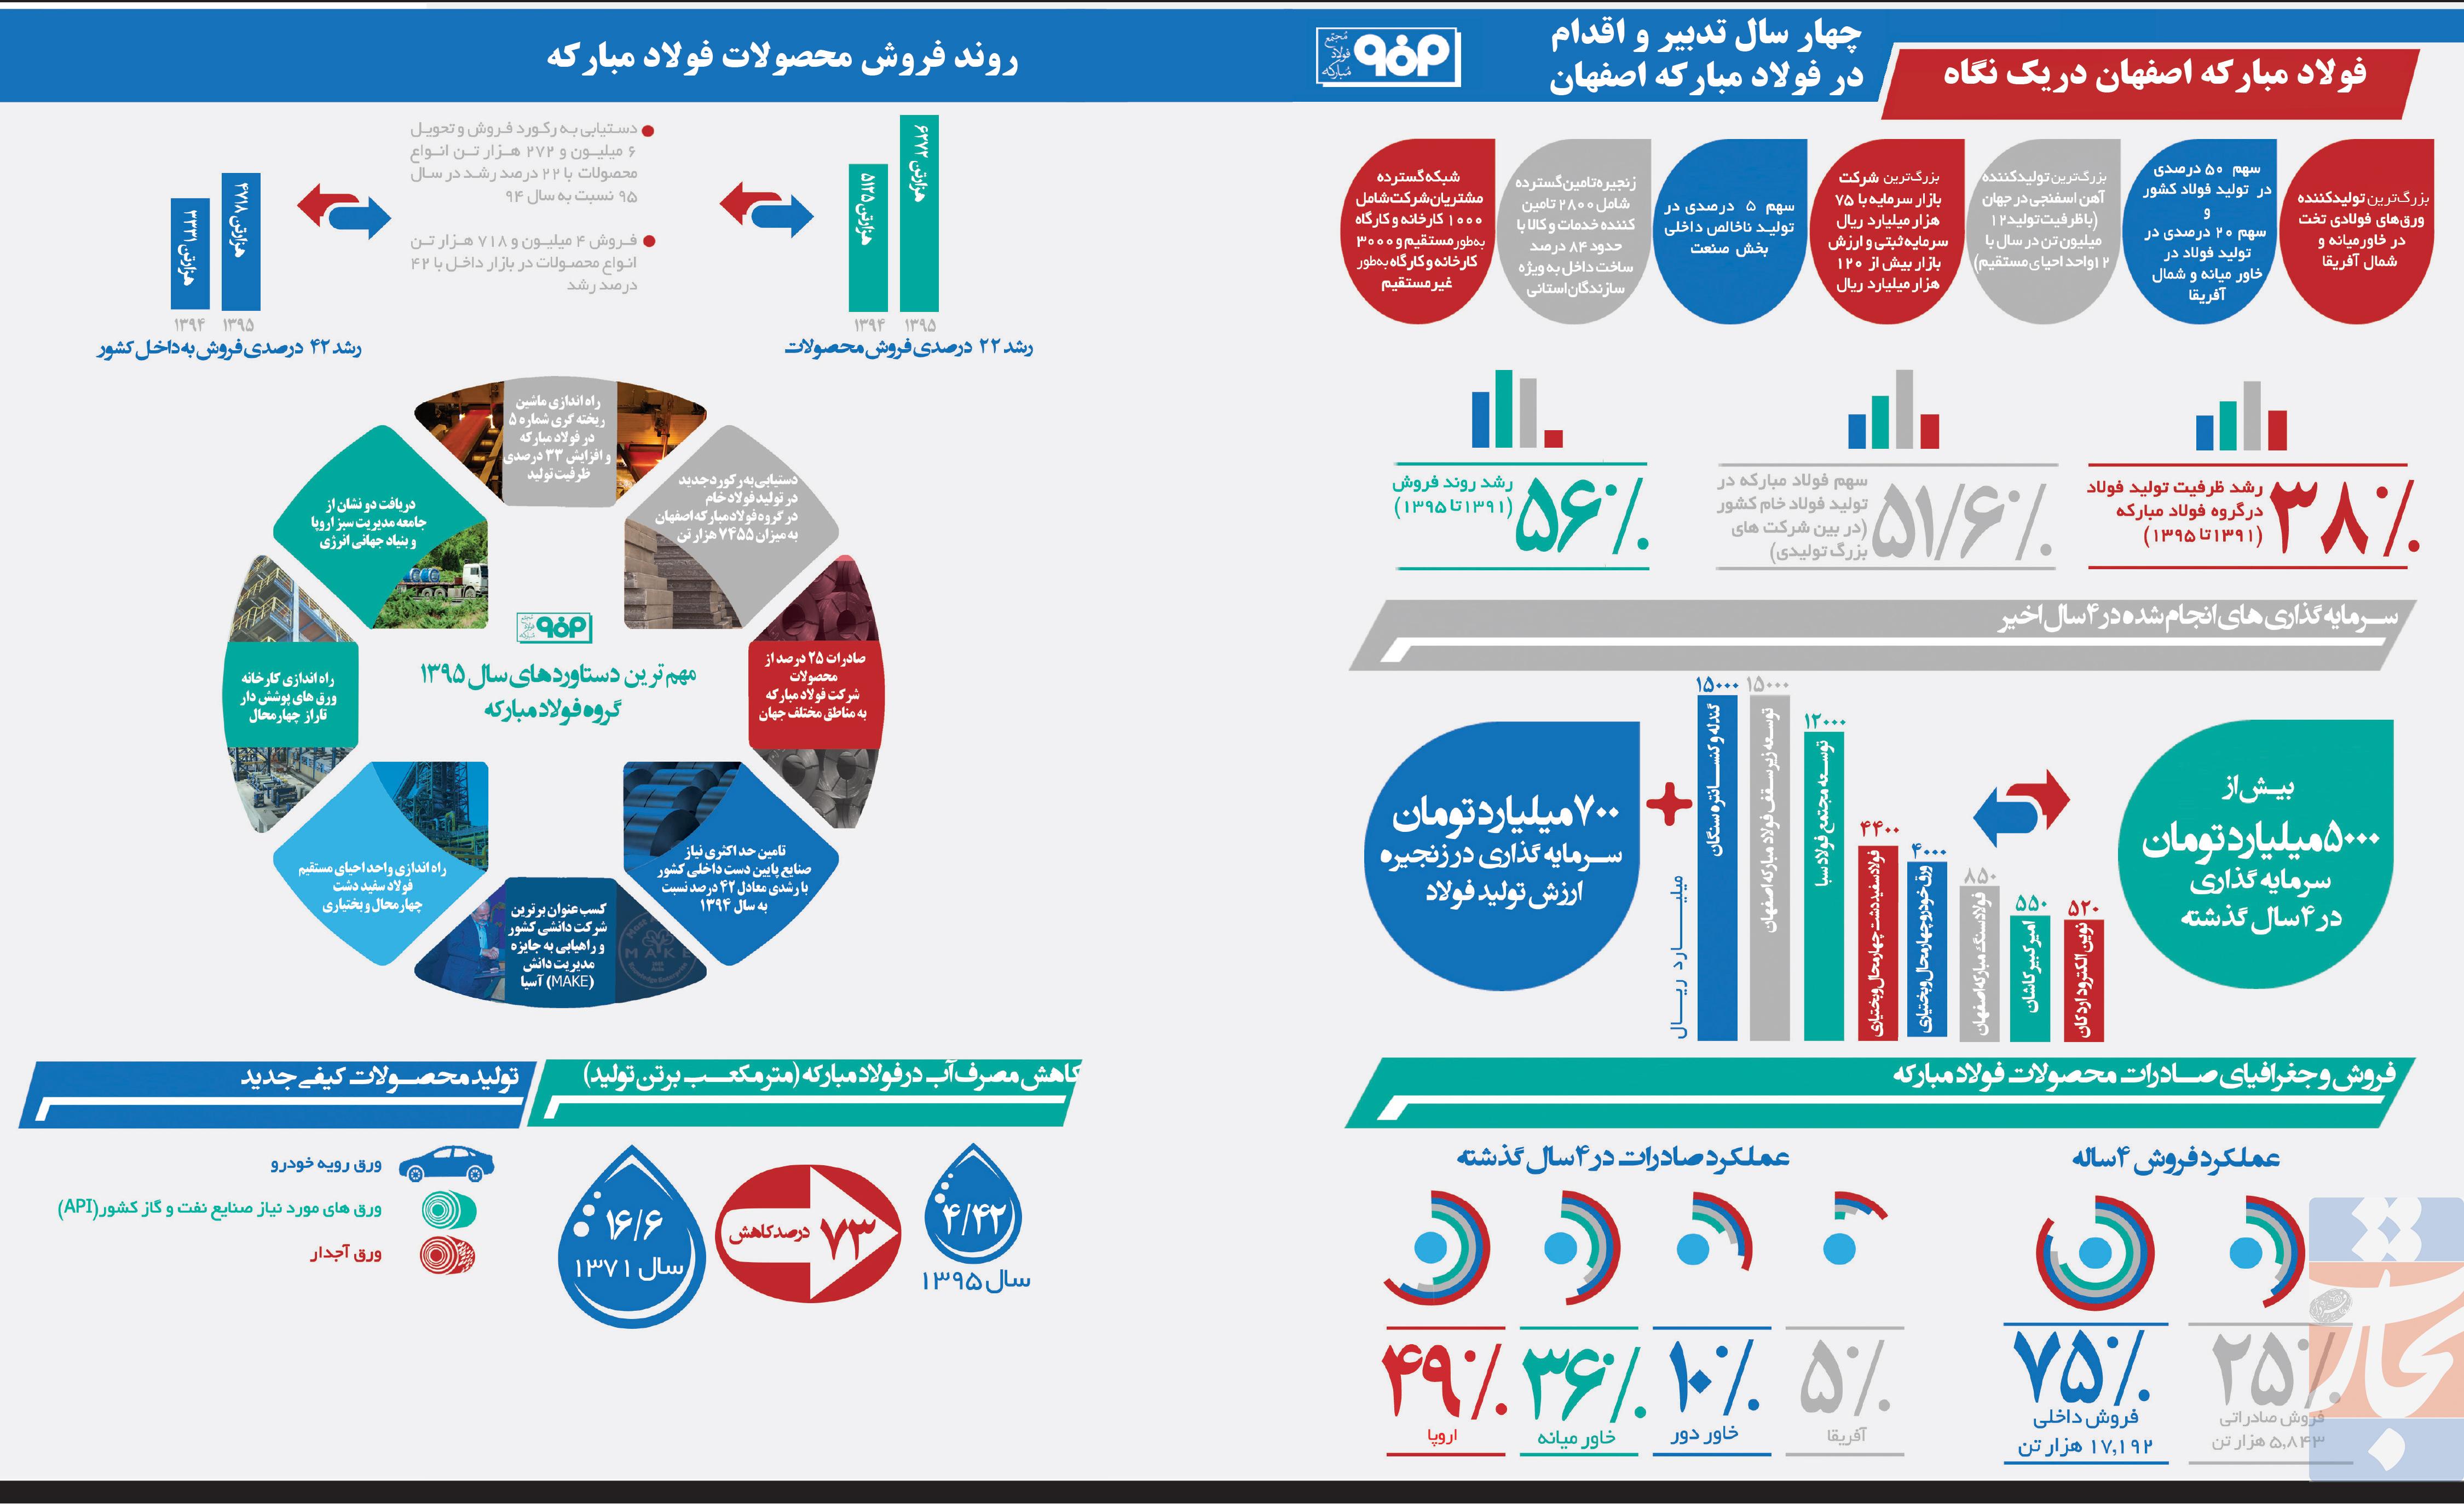 تجارت- فردا- فولاد مبارکه اصفهان دریک نگاه(اینفوگرافیک)